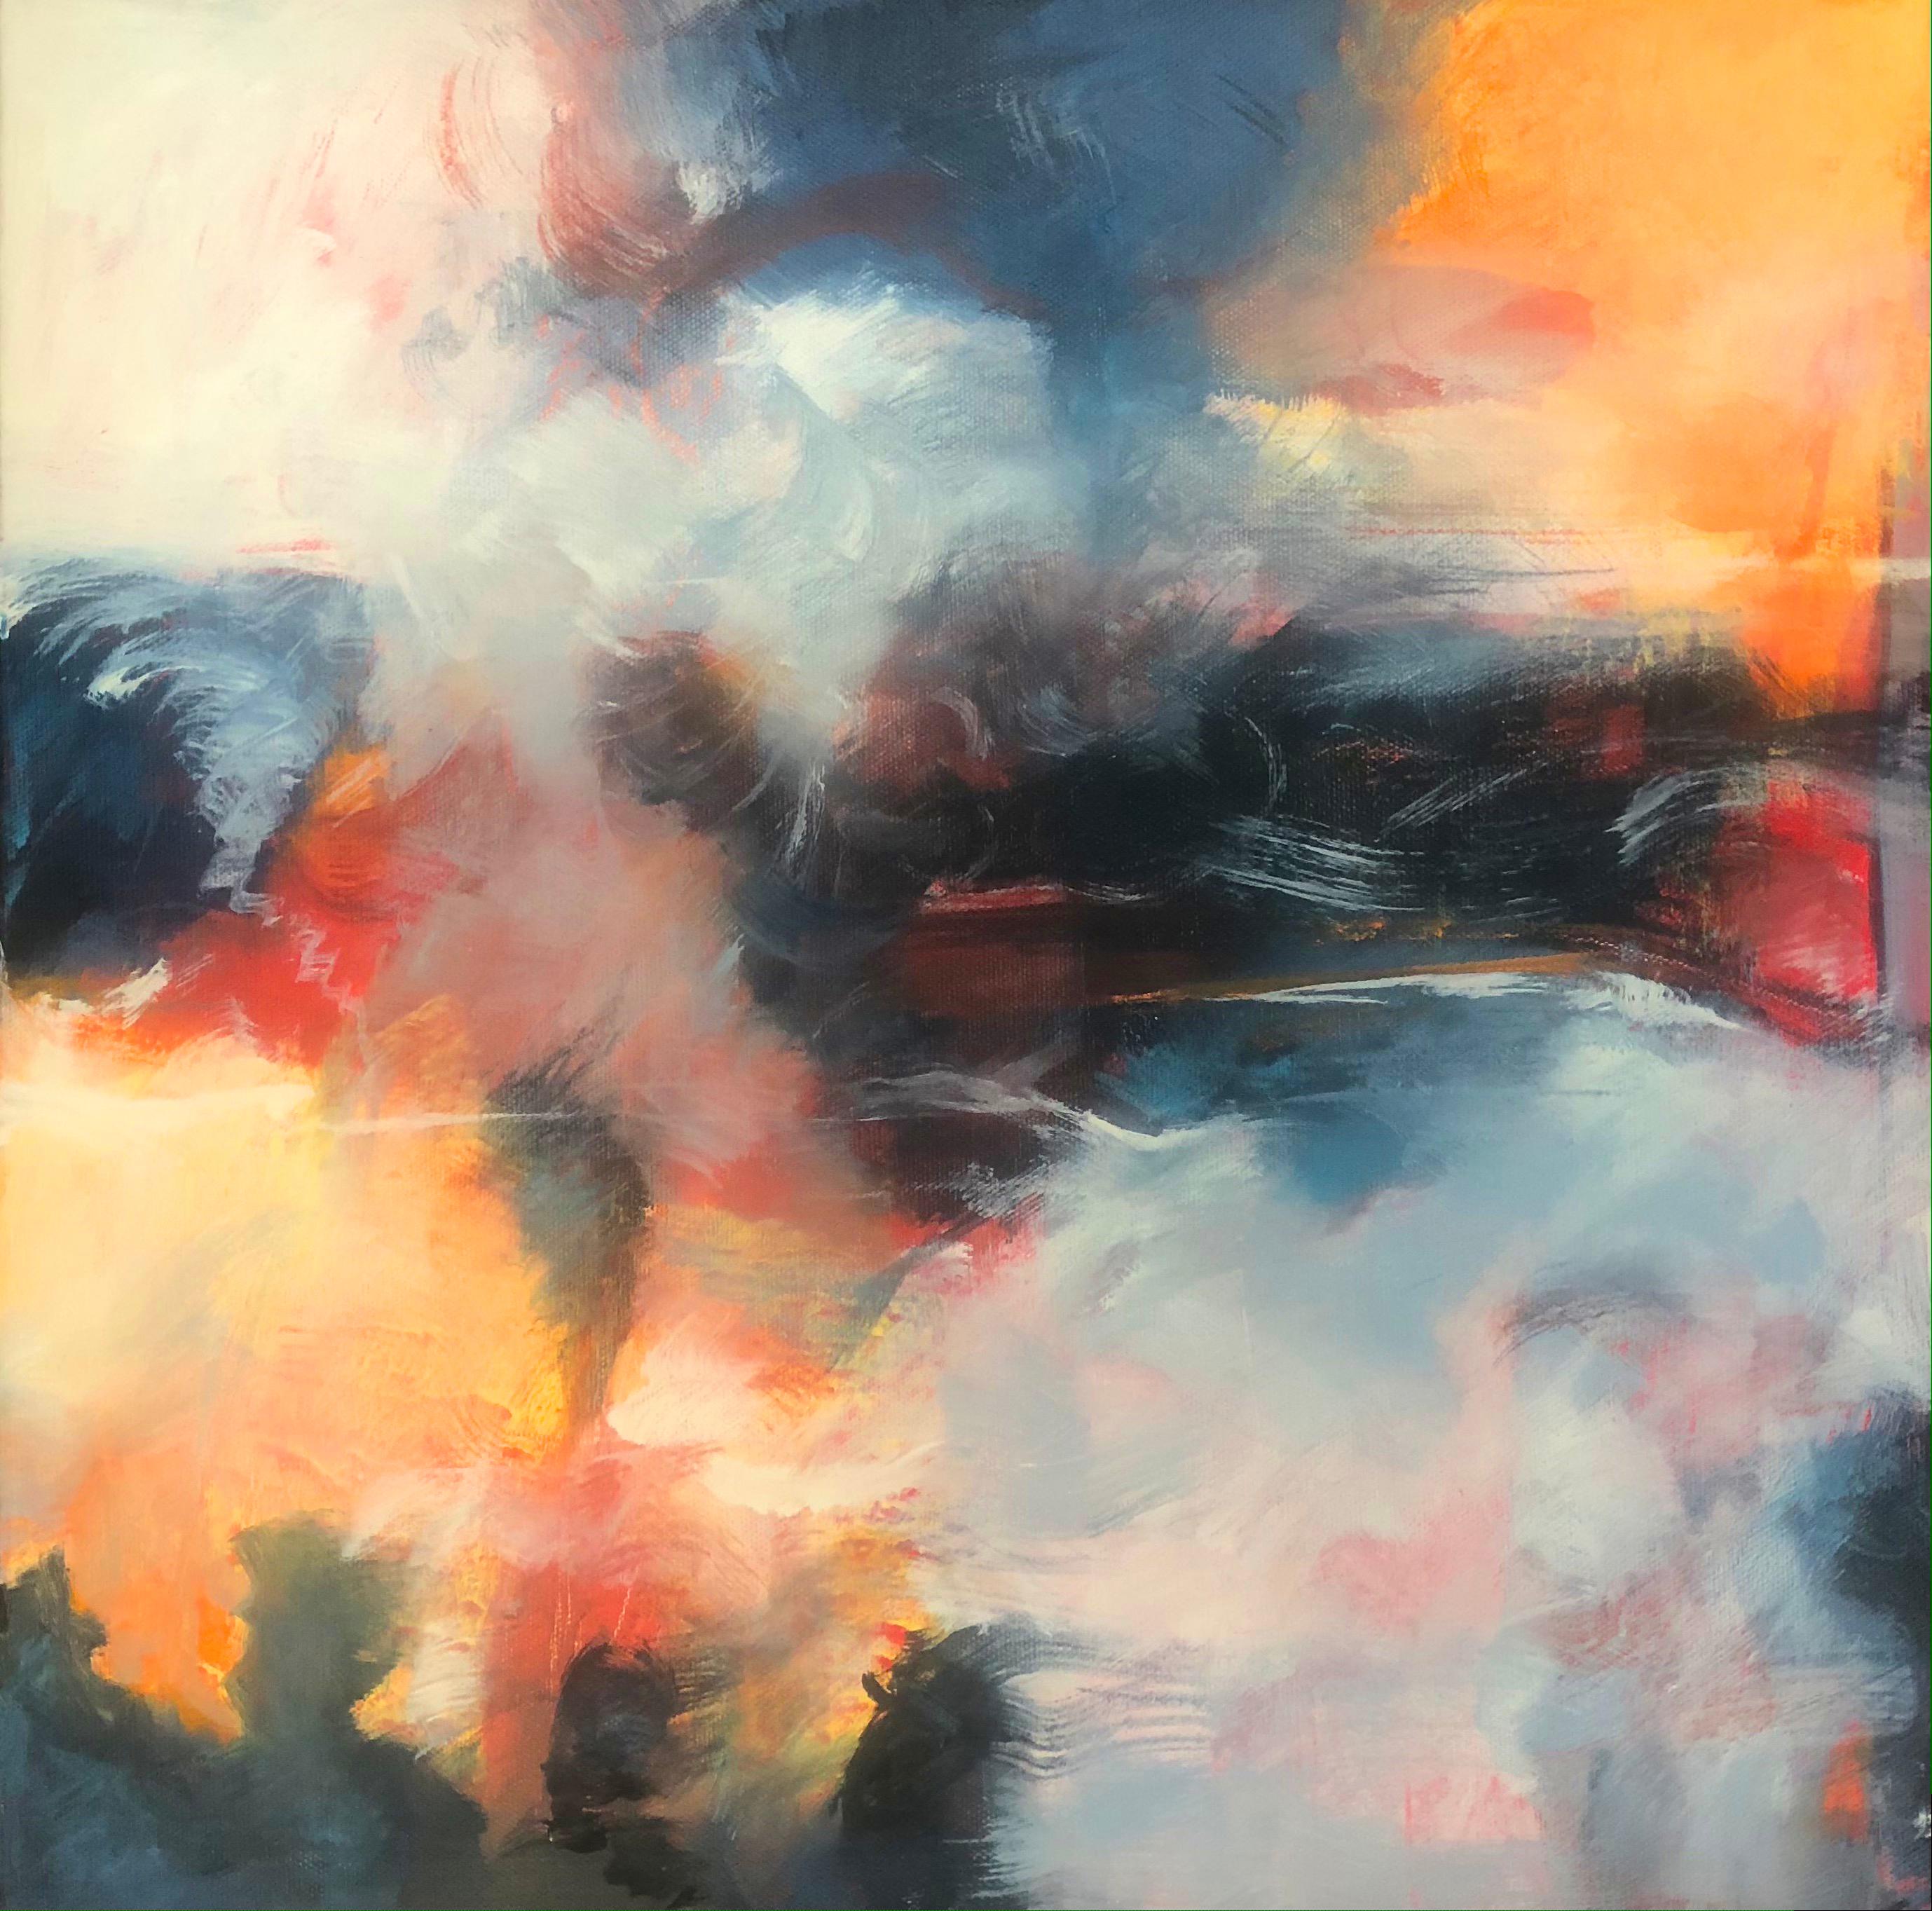 Toranado   original painting vq6jkh